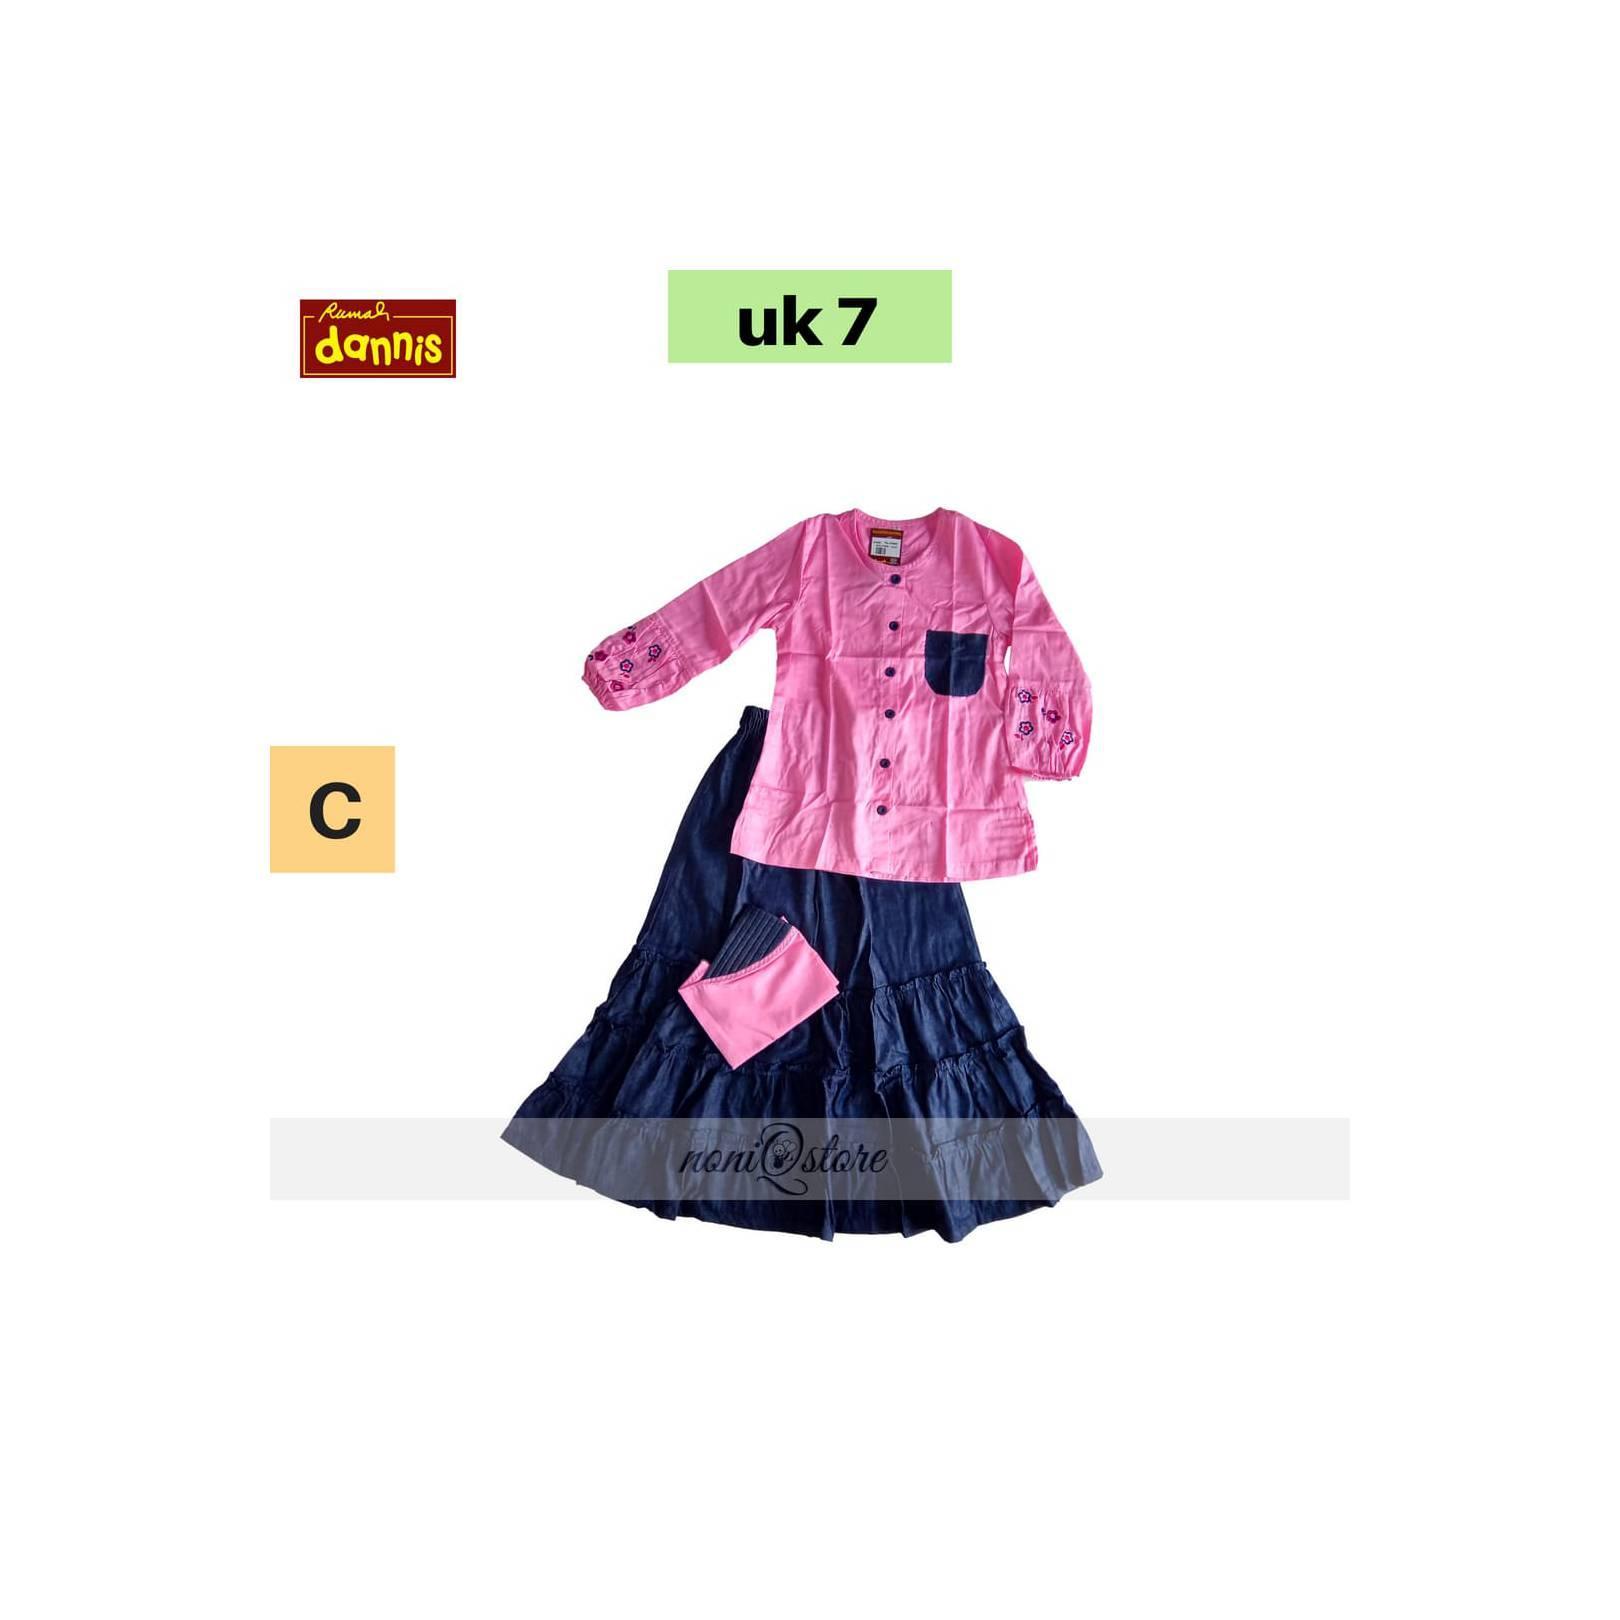 Setelan Anak DANNIS size 7 - Gamis / Jubah - Baju Muslim Premium